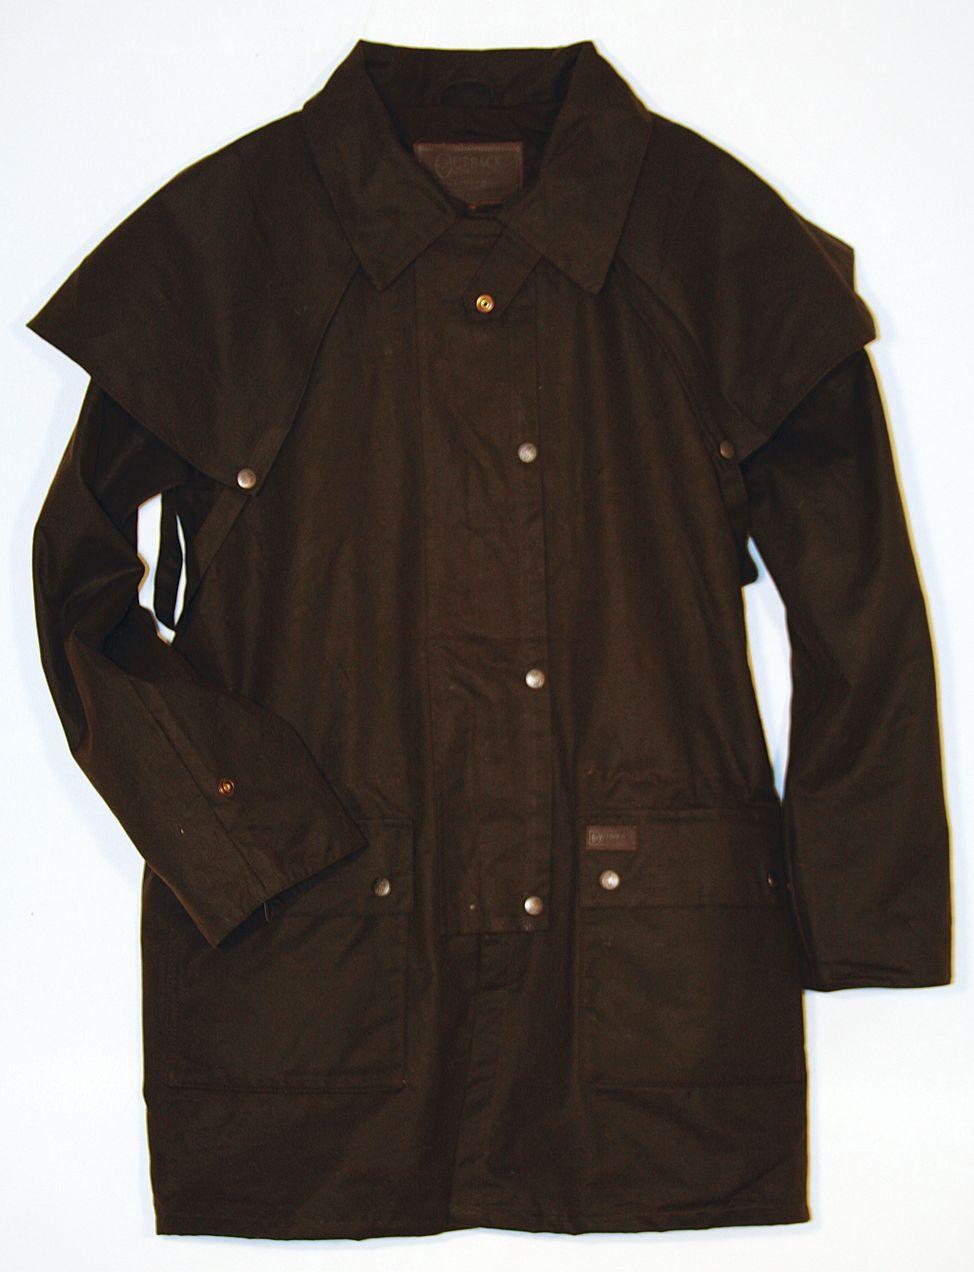 Outback Trading Unisex Bush Ranger Jacket